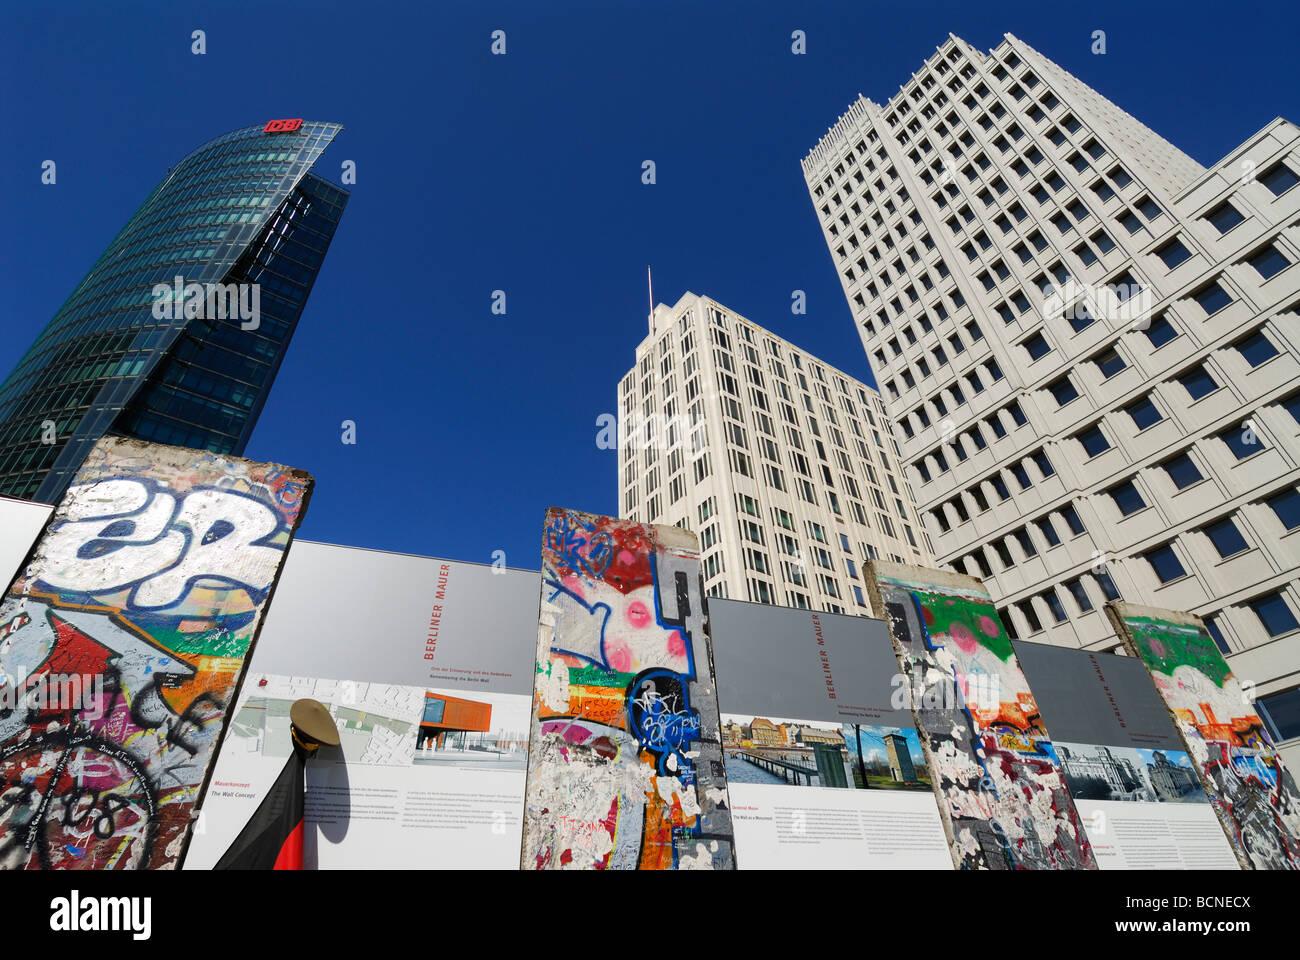 Exposición en Alemania Berlín Potsdamer Platz en conmemoración de los 20 años desde la caída Imagen De Stock